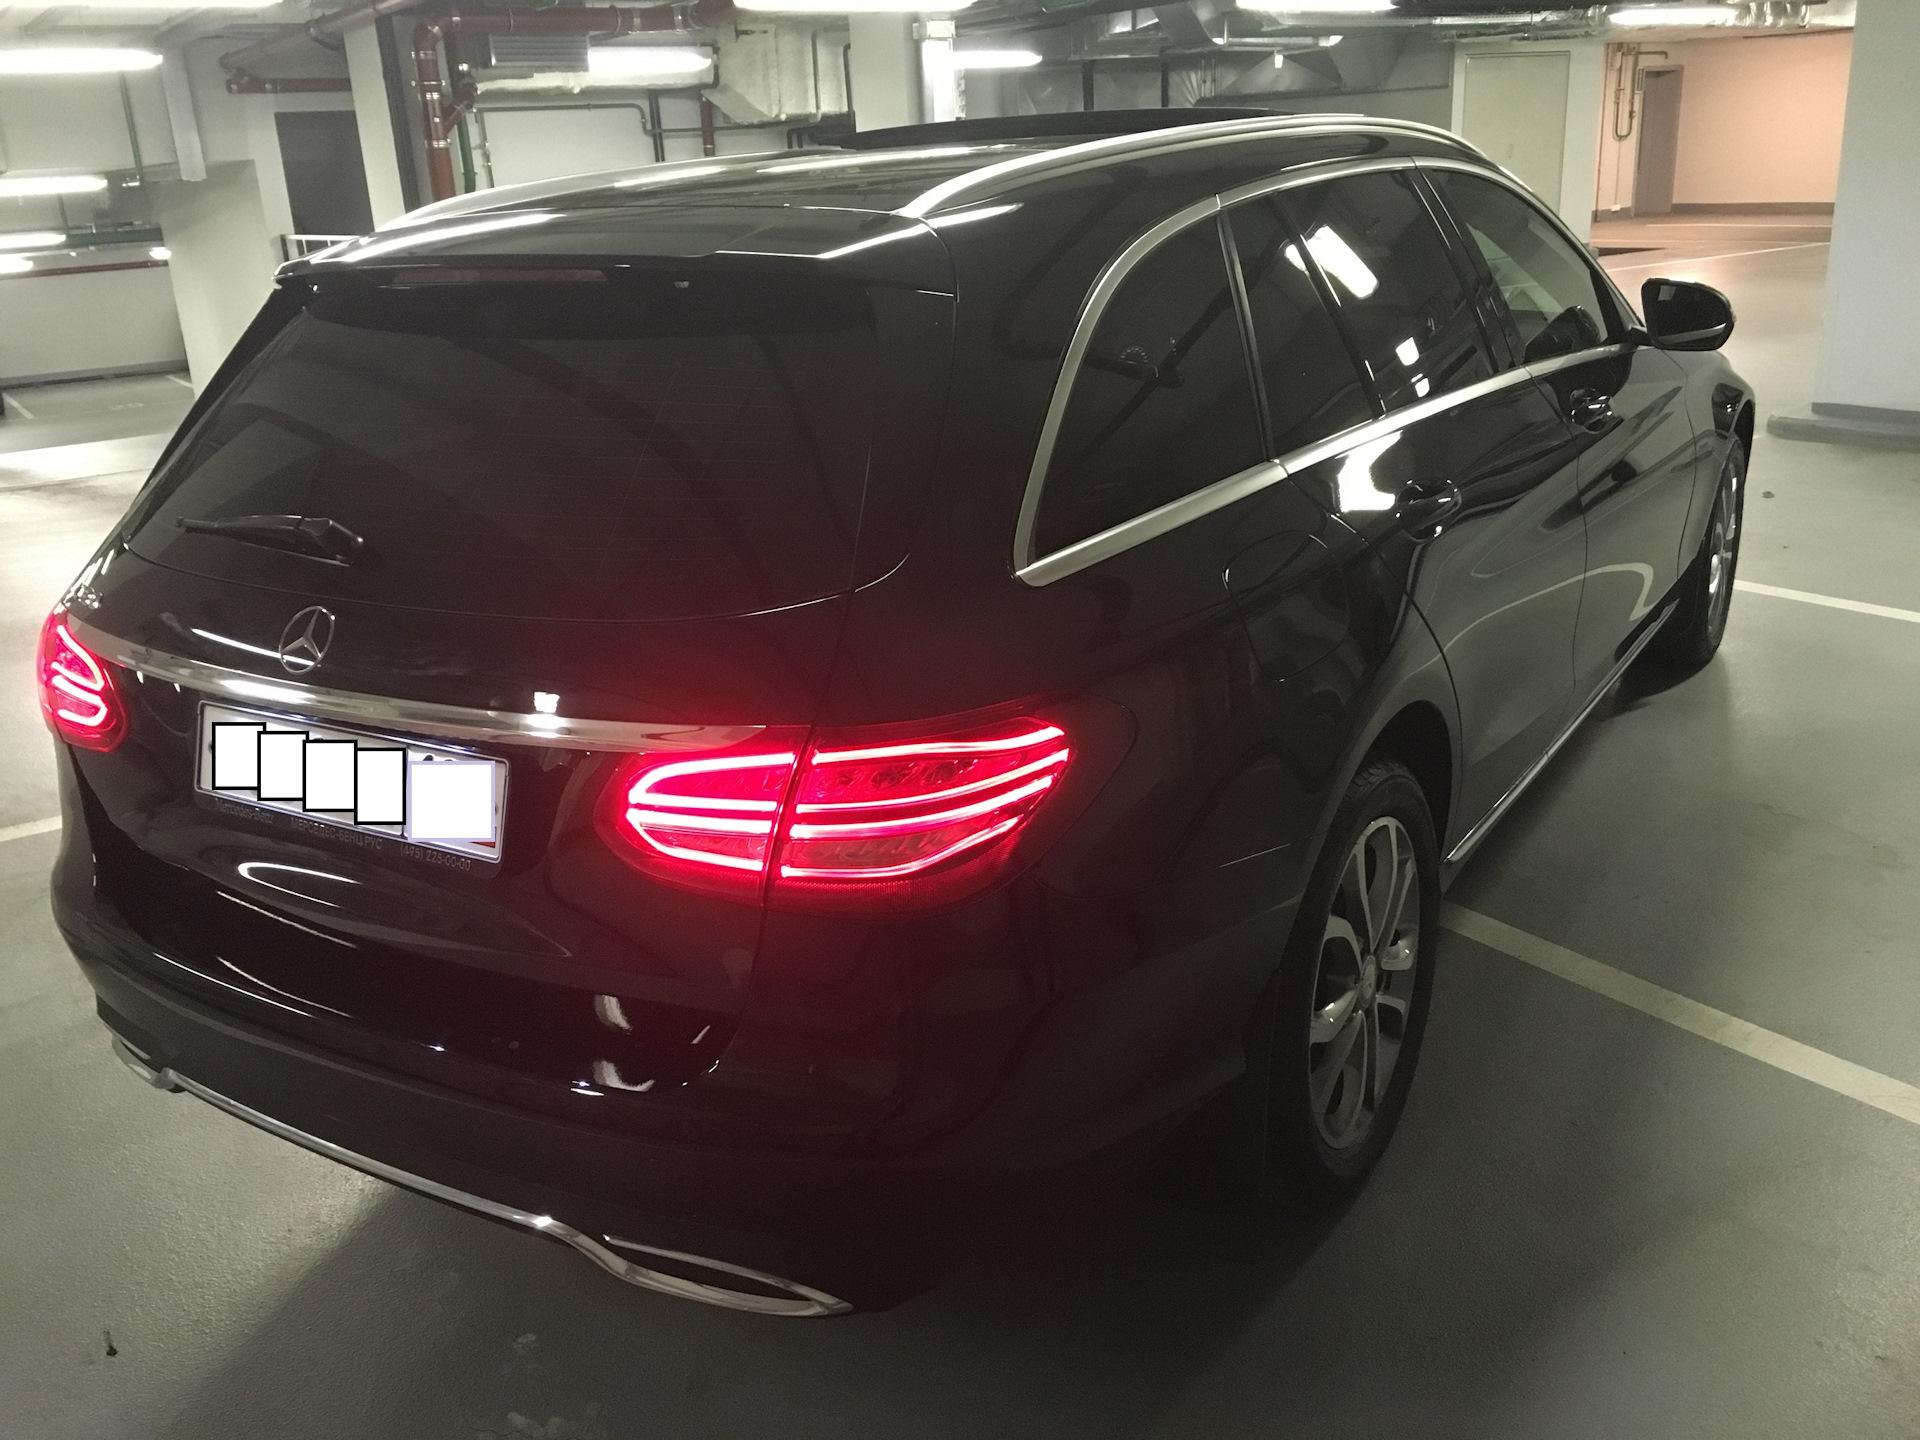 немного ябРочных фото — бортжурнаРMercedes Benz C class Estate 2014